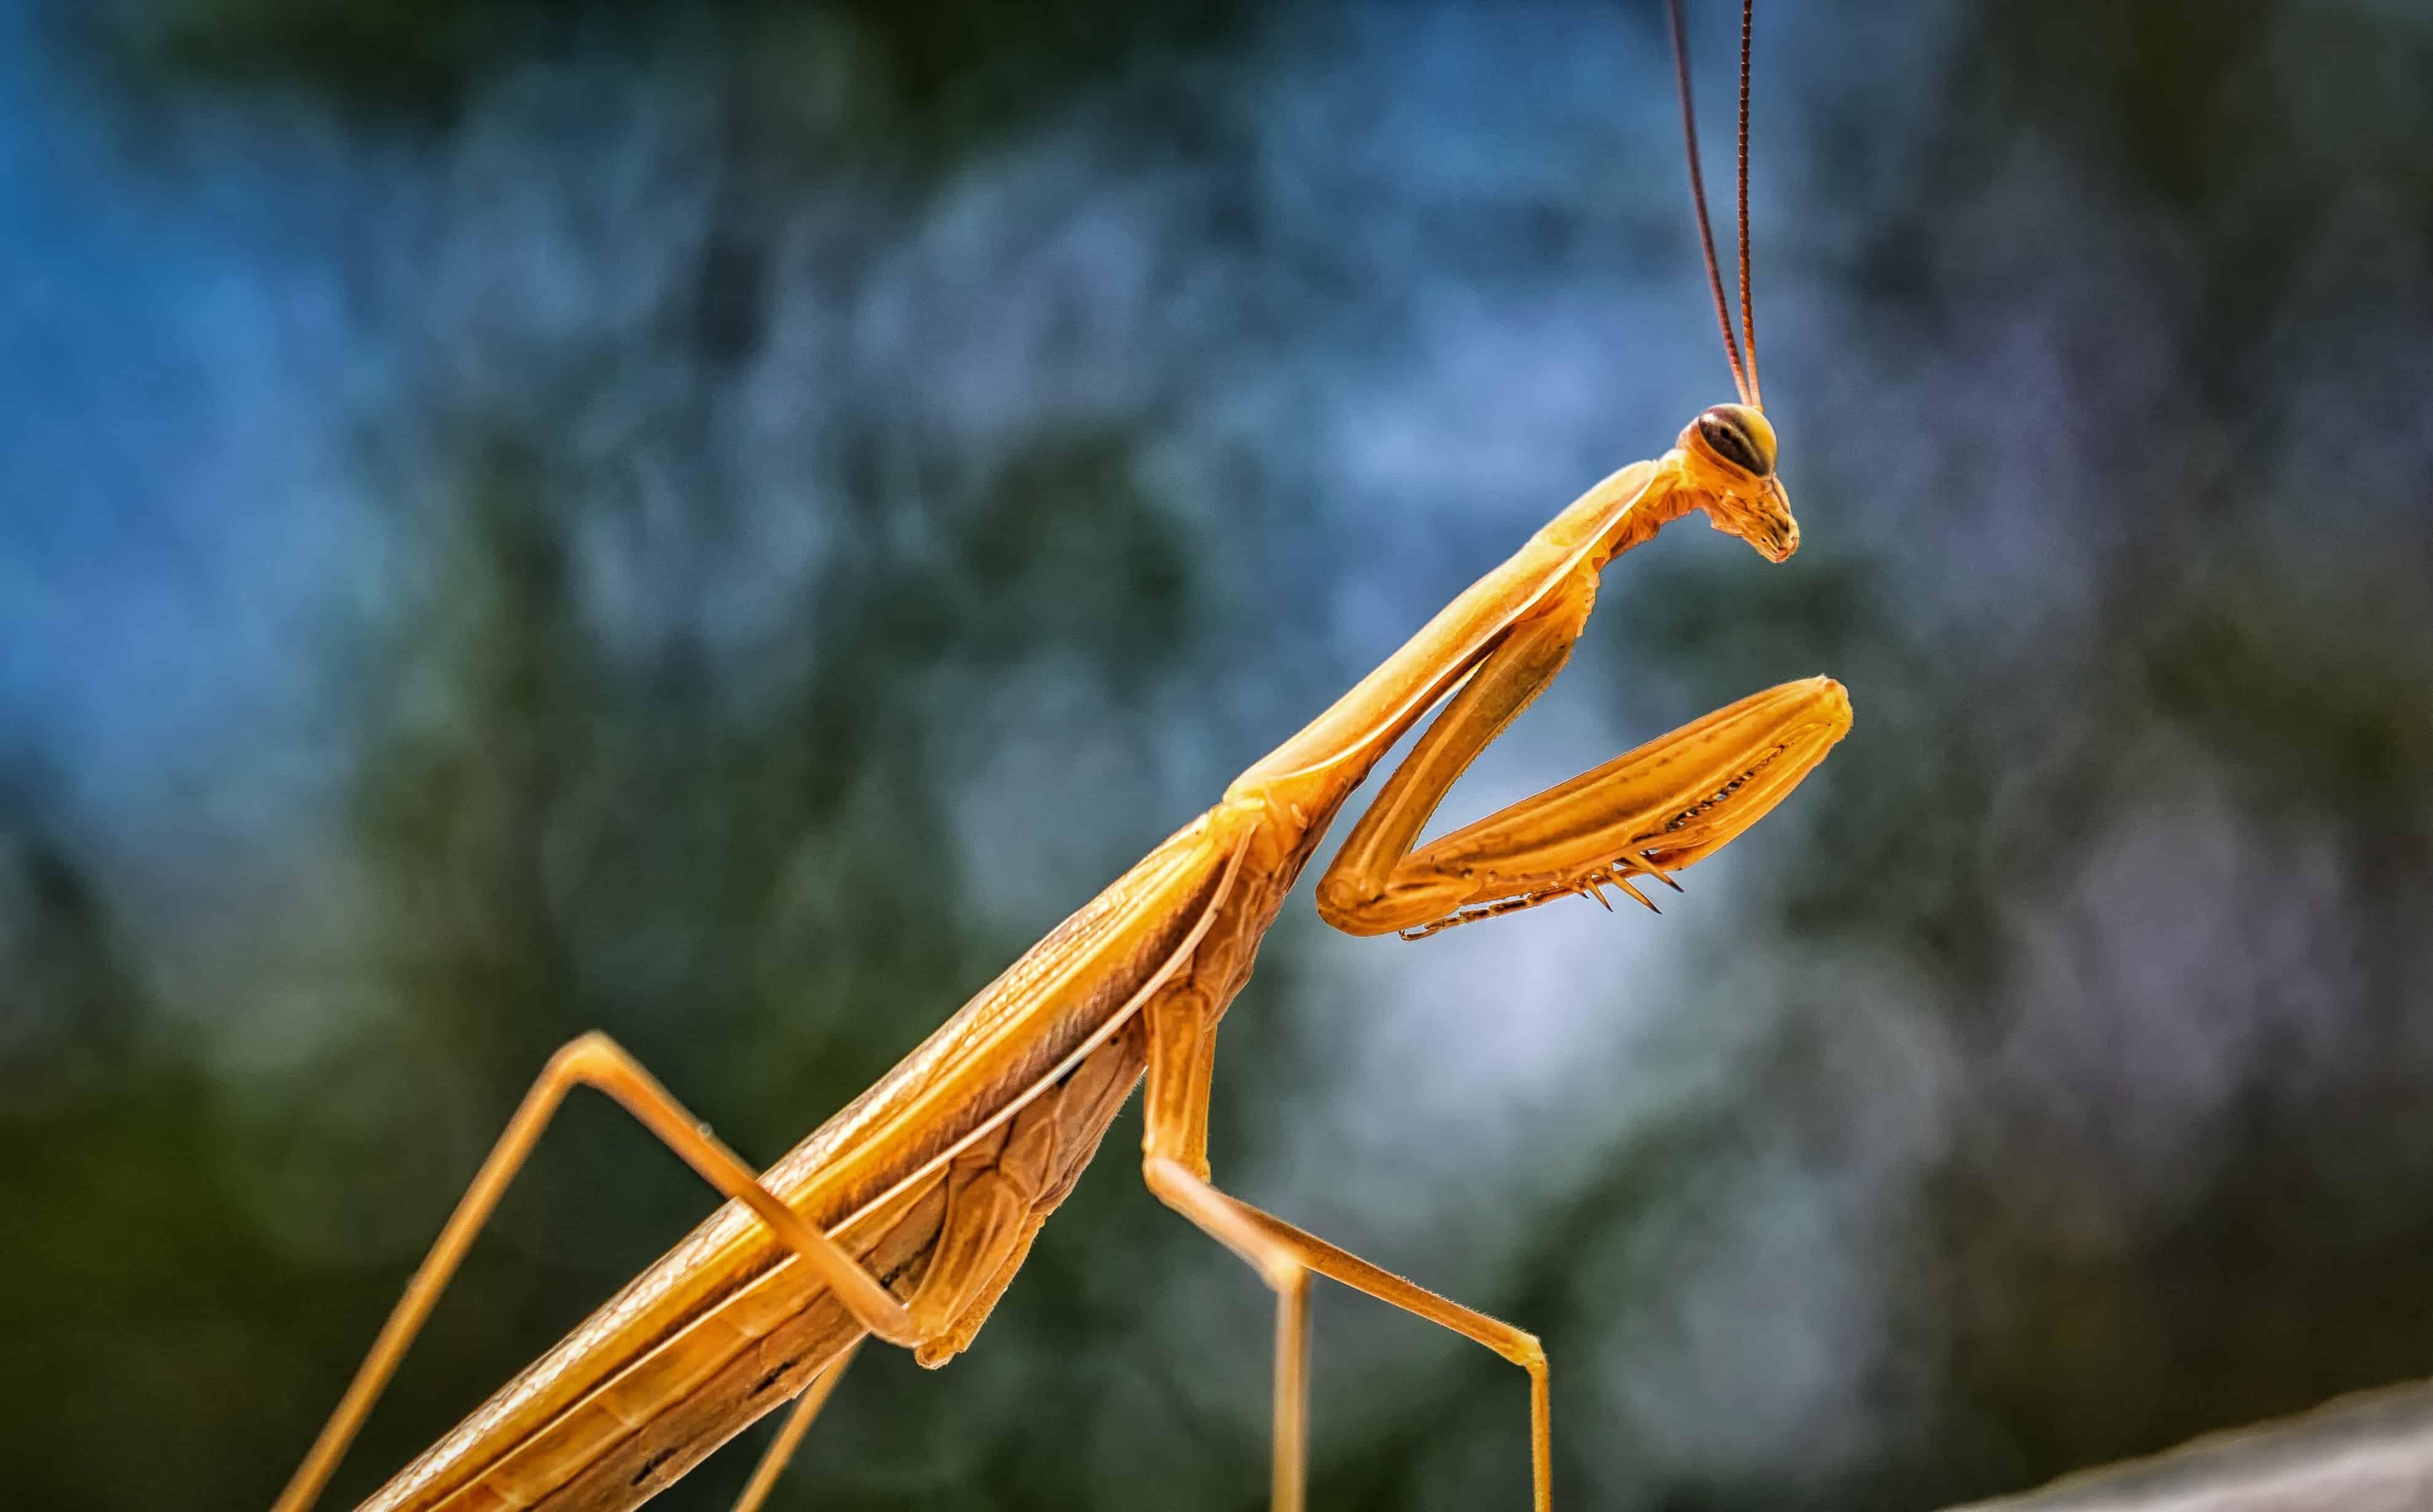 Kostenlose Bild: Natur, Makro, Insekten, Gliederfüßer, Heuschrecke, Mantis, Wirbellosen zu beten